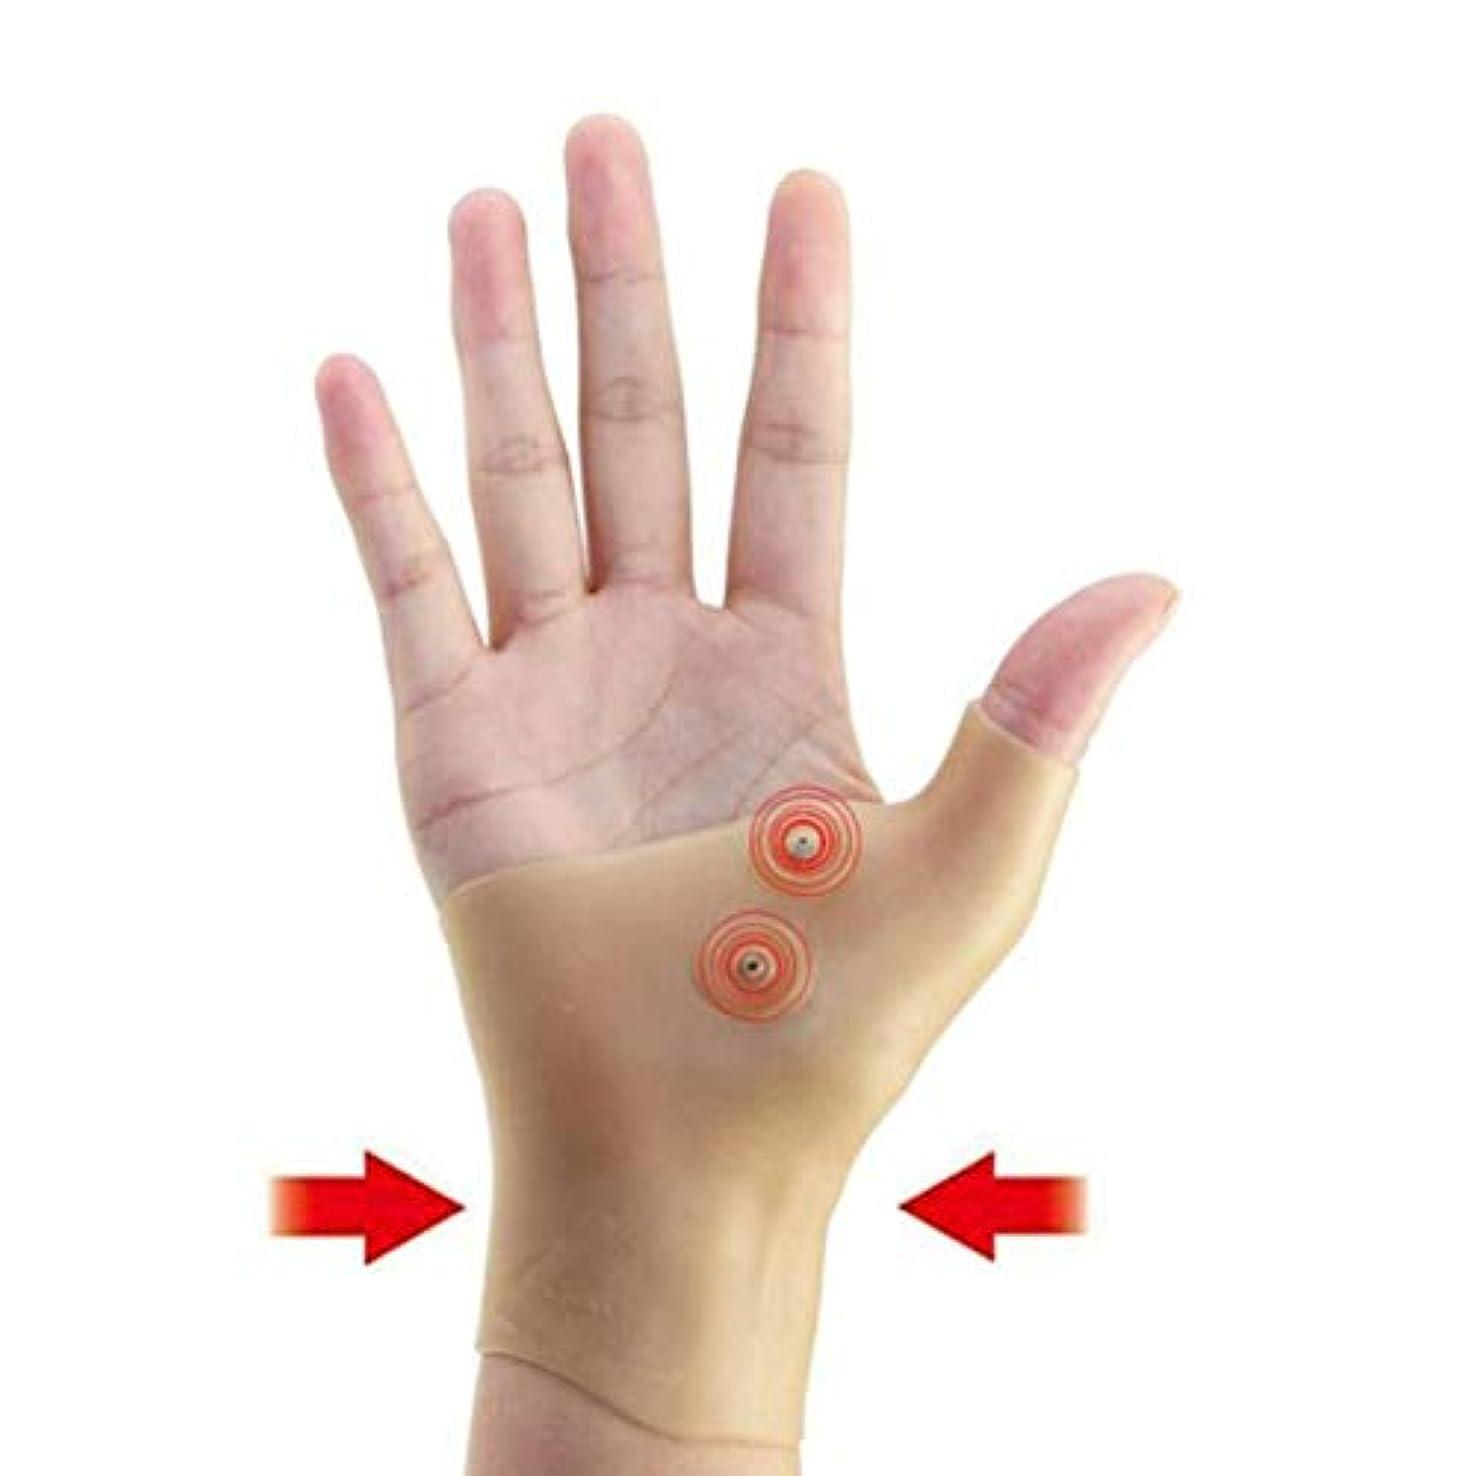 アンデス山脈ツーリストボット磁気療法手首手親指サポート手袋シリコーンゲル関節炎圧力矯正器マッサージ痛み緩和手袋 - 肌の色